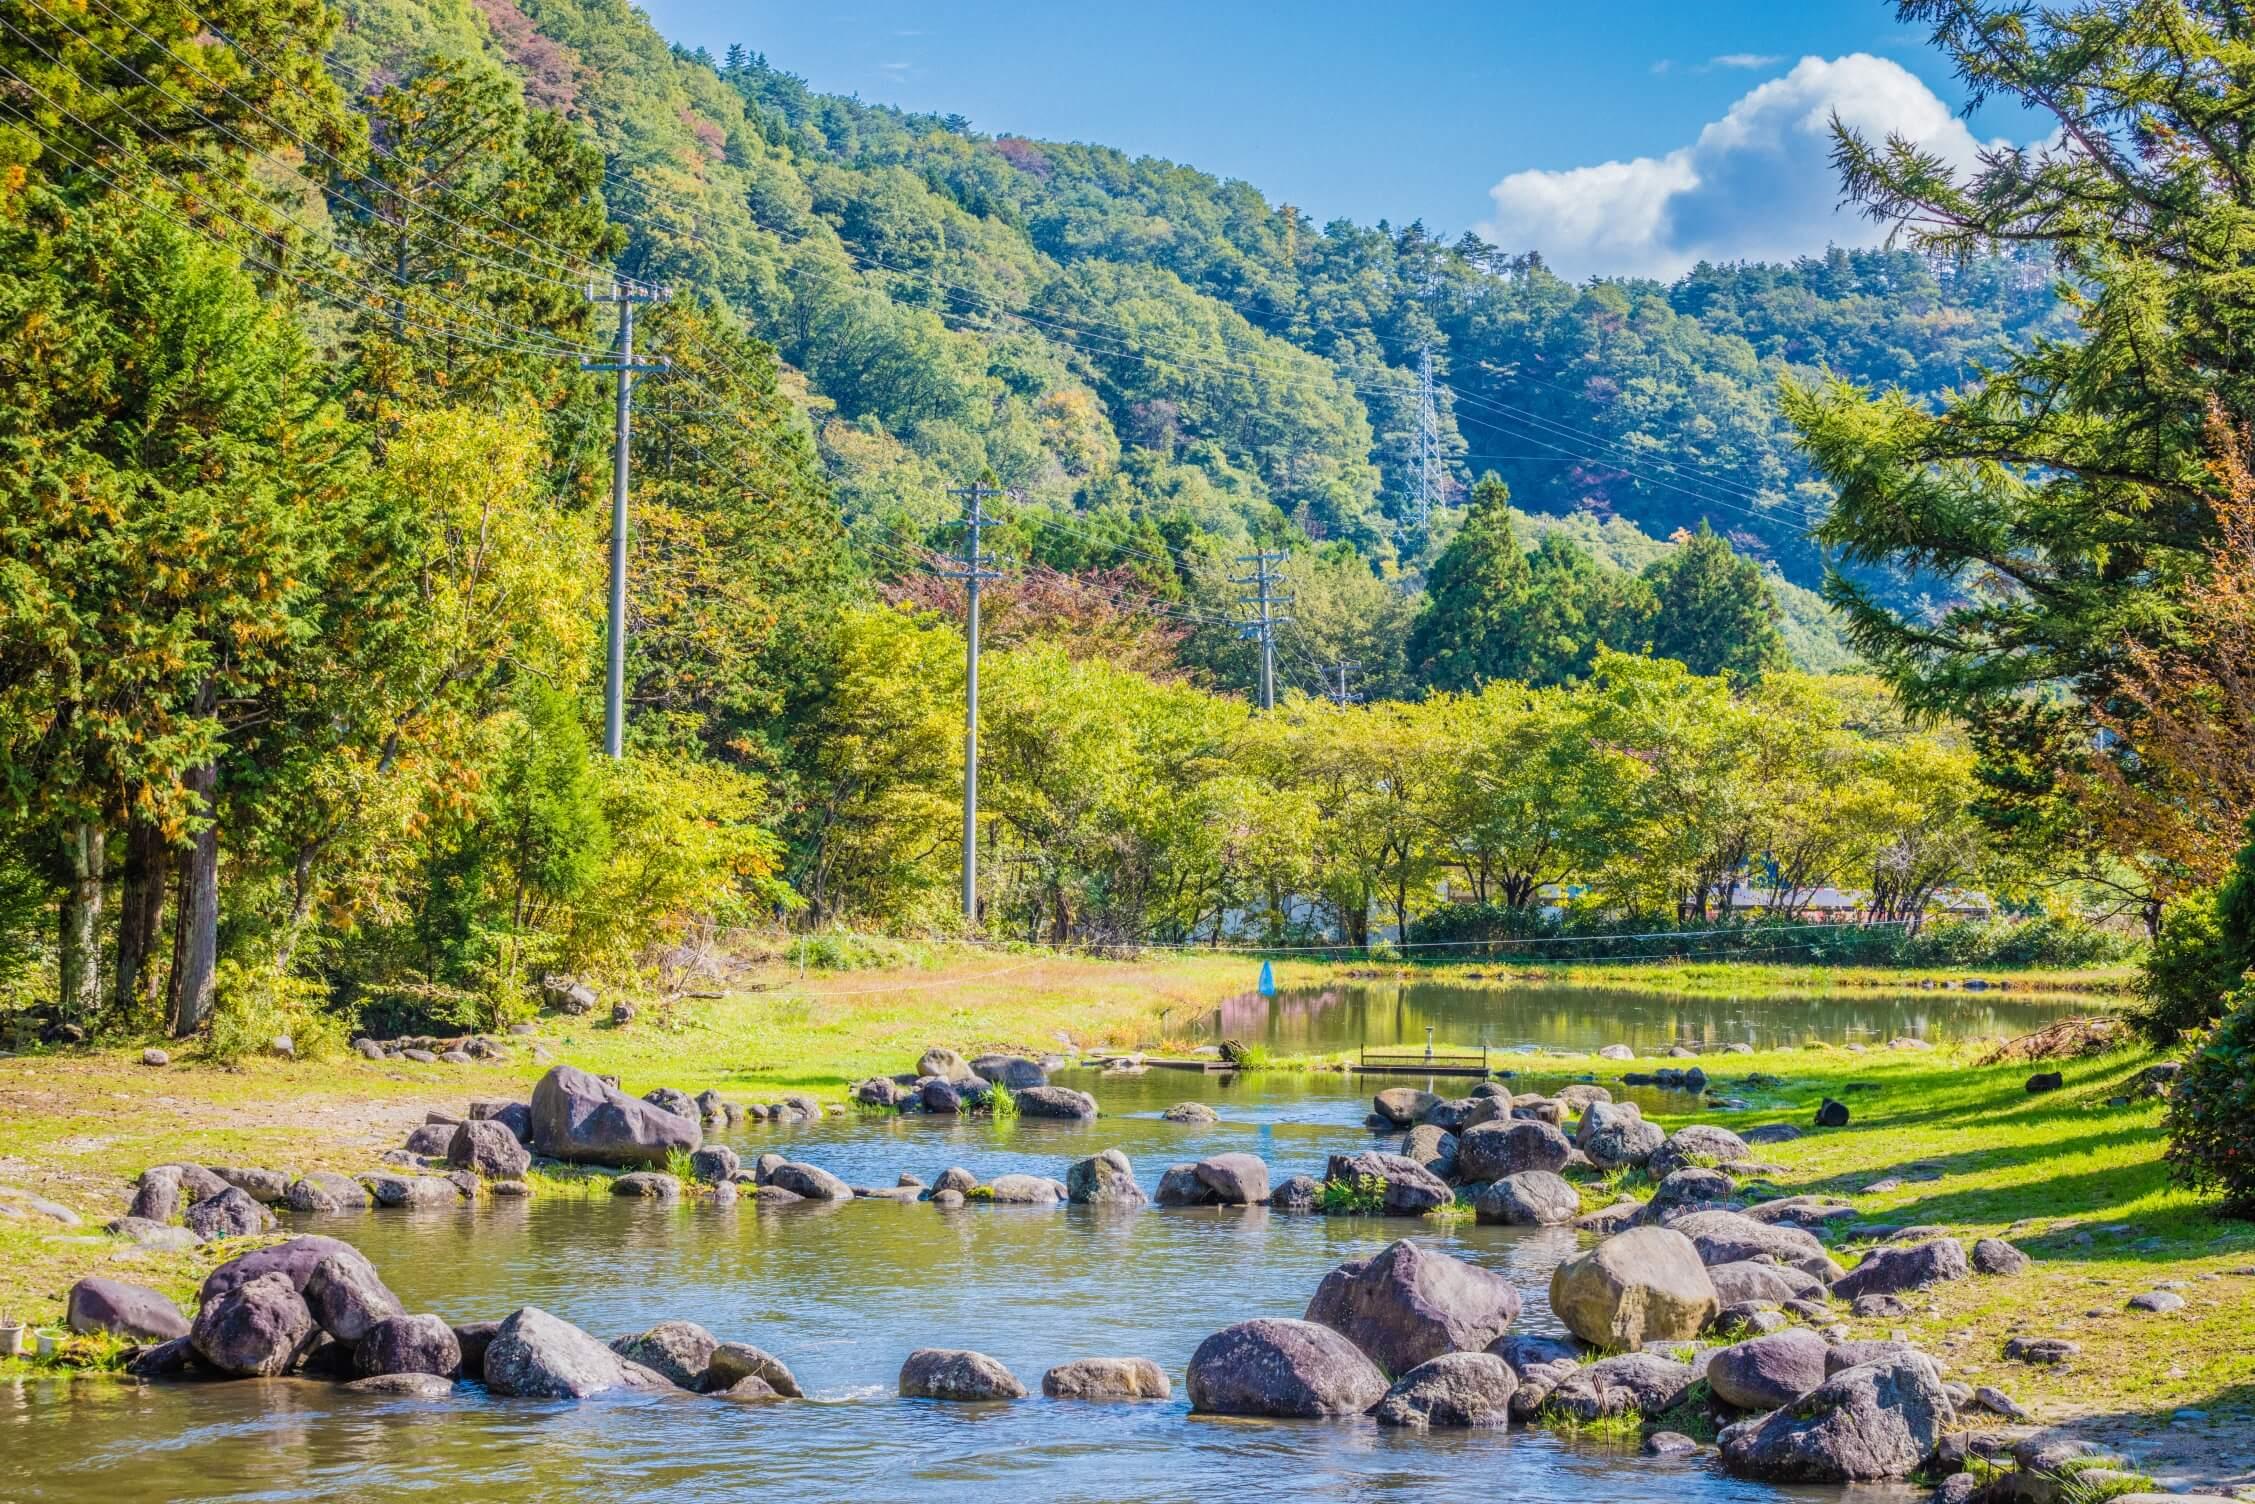 【釣り堀・渓流釣り】蔵王の雄大な自然も満喫!初心者も家族連れも気軽に釣りにチャレンジしよう。